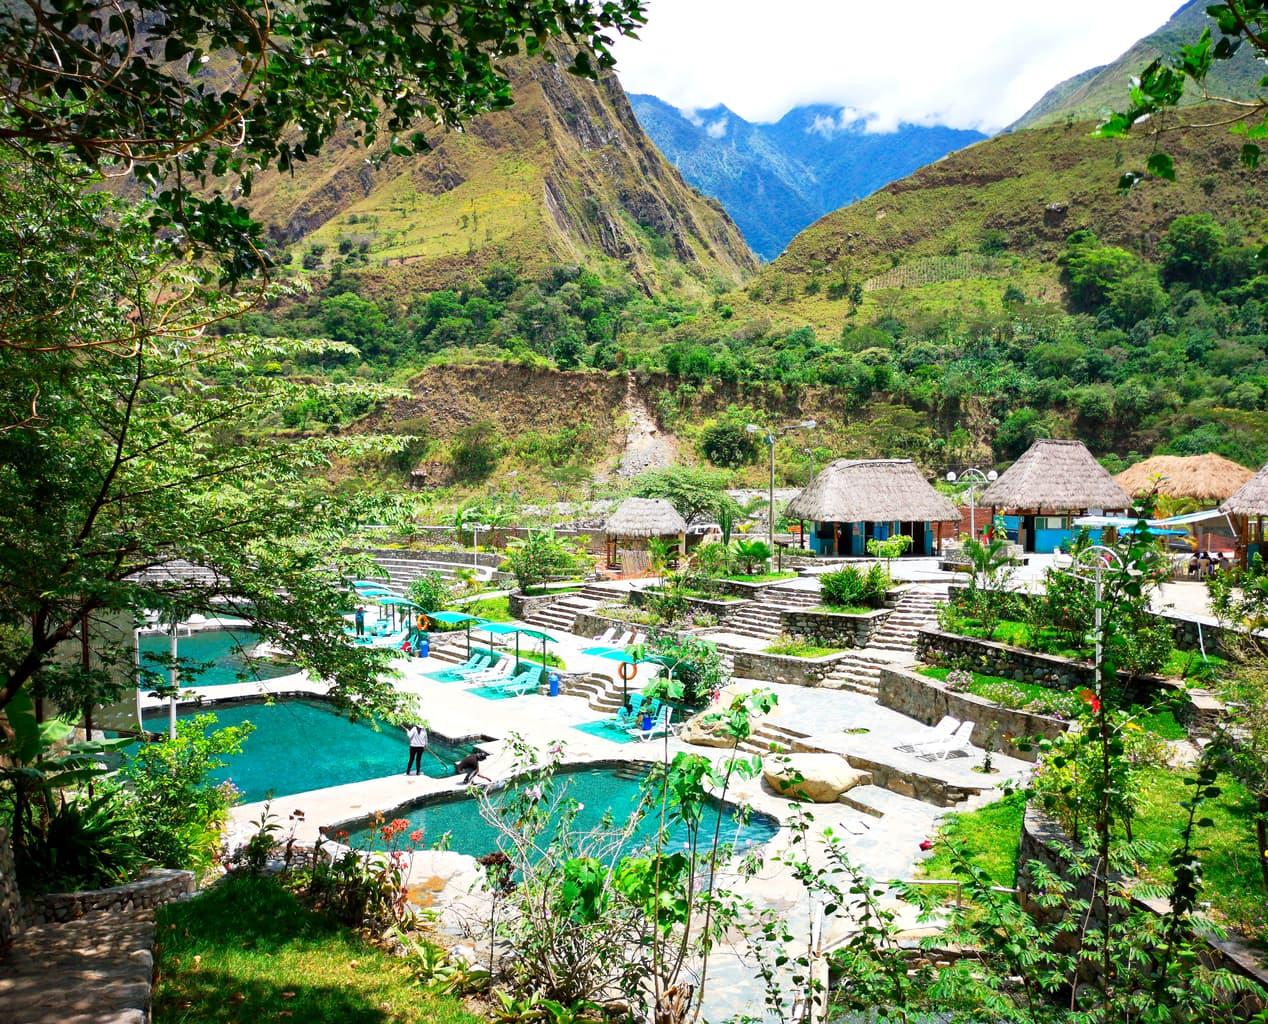 Gorące źródła w Cocalmayo na wycieczce Trekking Inca Trail do Machu Picchu